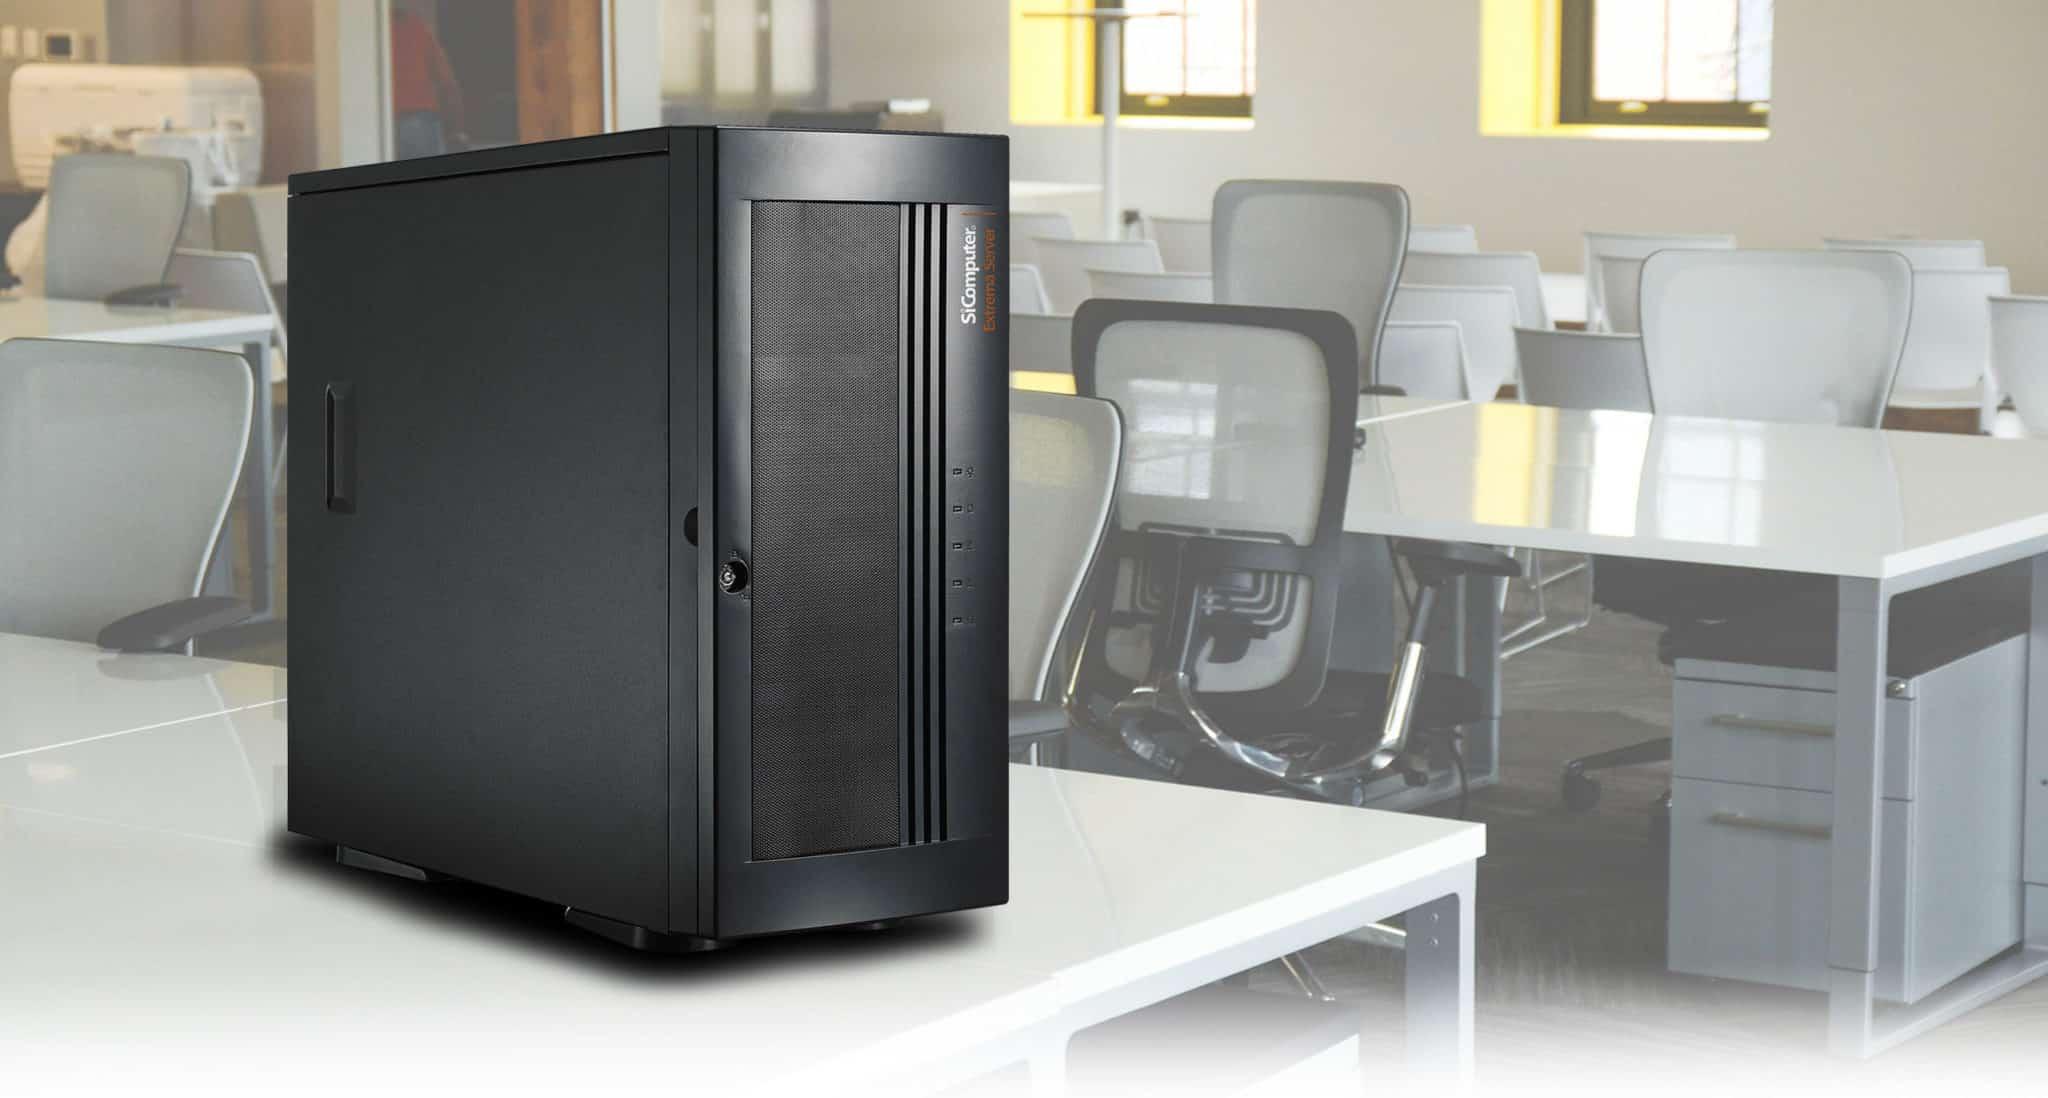 Extrema Server S100